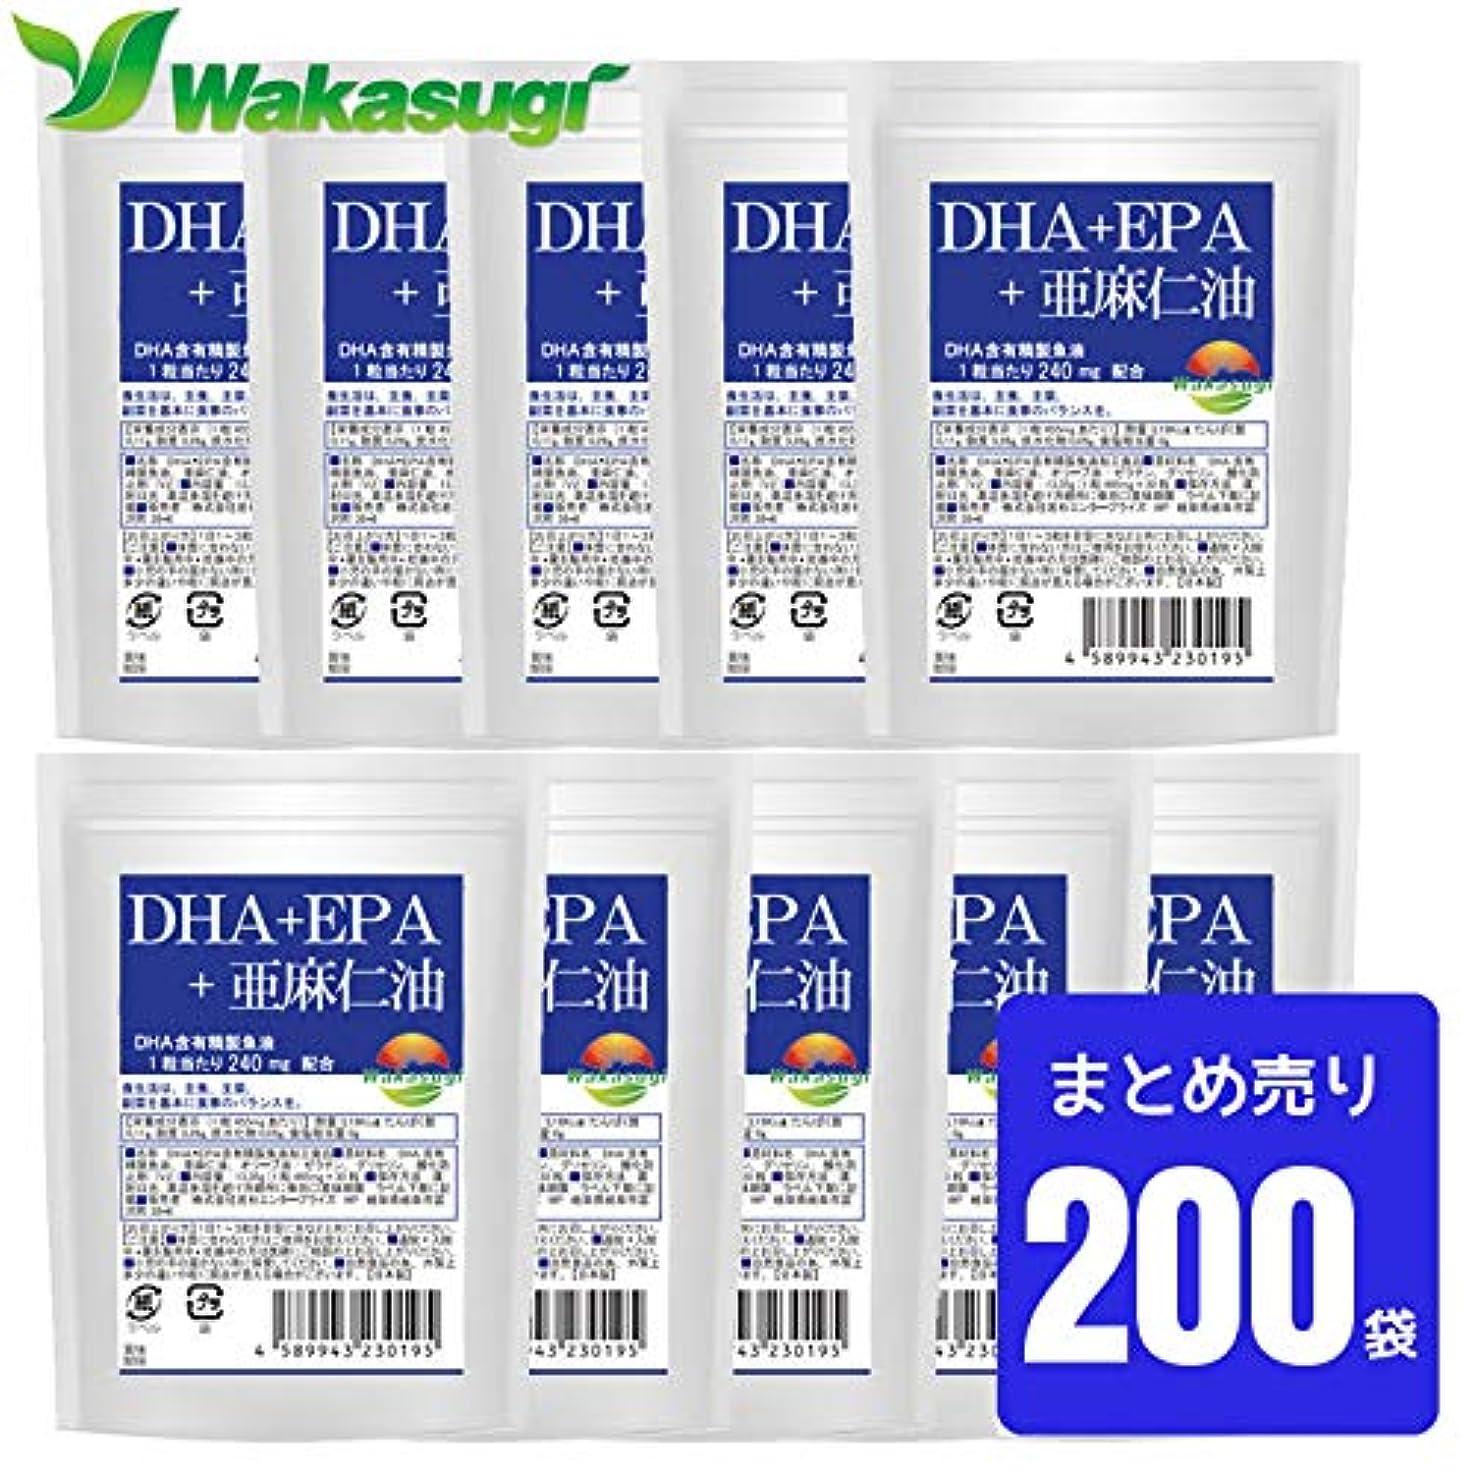 スペードアヒル比喩DHA+EPA+亜麻仁油 ソフトカプセル30粒 200袋 合計6,000粒 まとめ売り